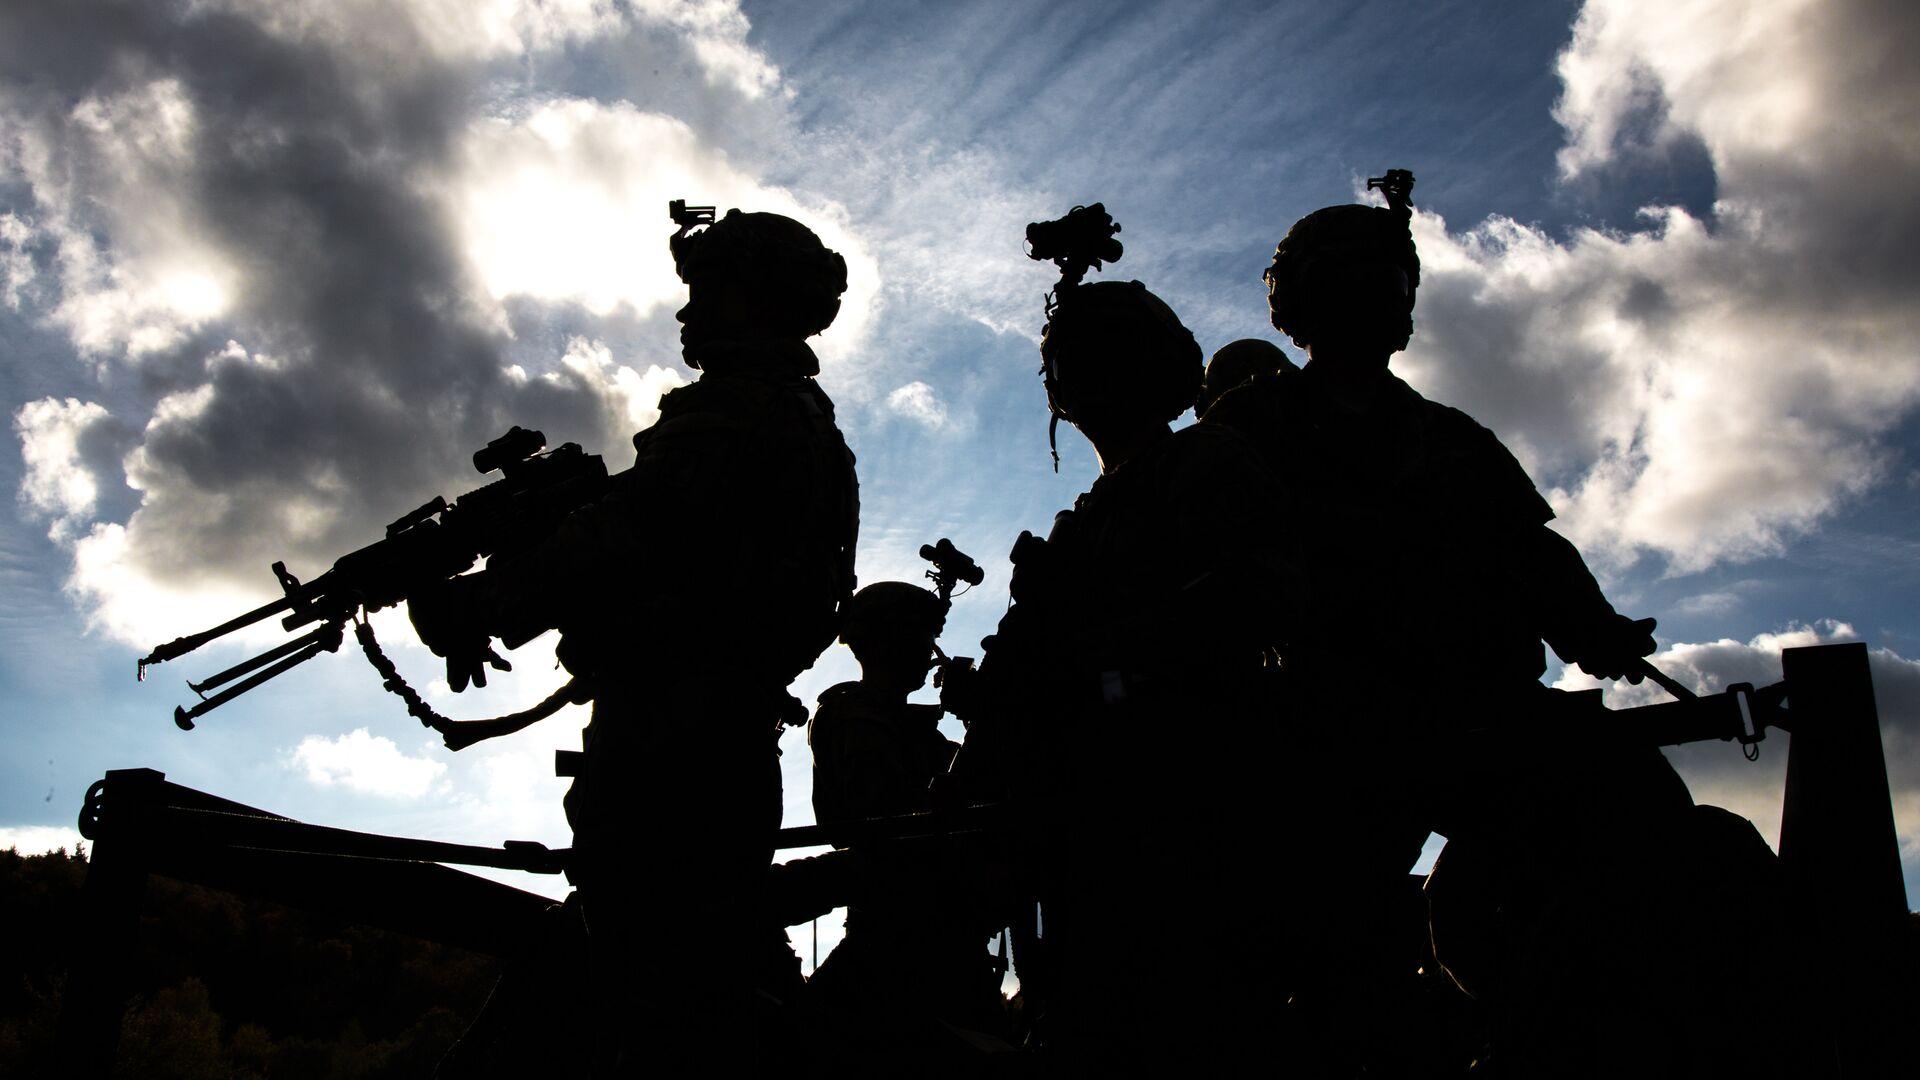 Военнослужащие армии США во время совместных учений войск НАТО Swift Response 2017 в Германии. Октябрь 2017 - РИА Новости, 1920, 13.04.2021